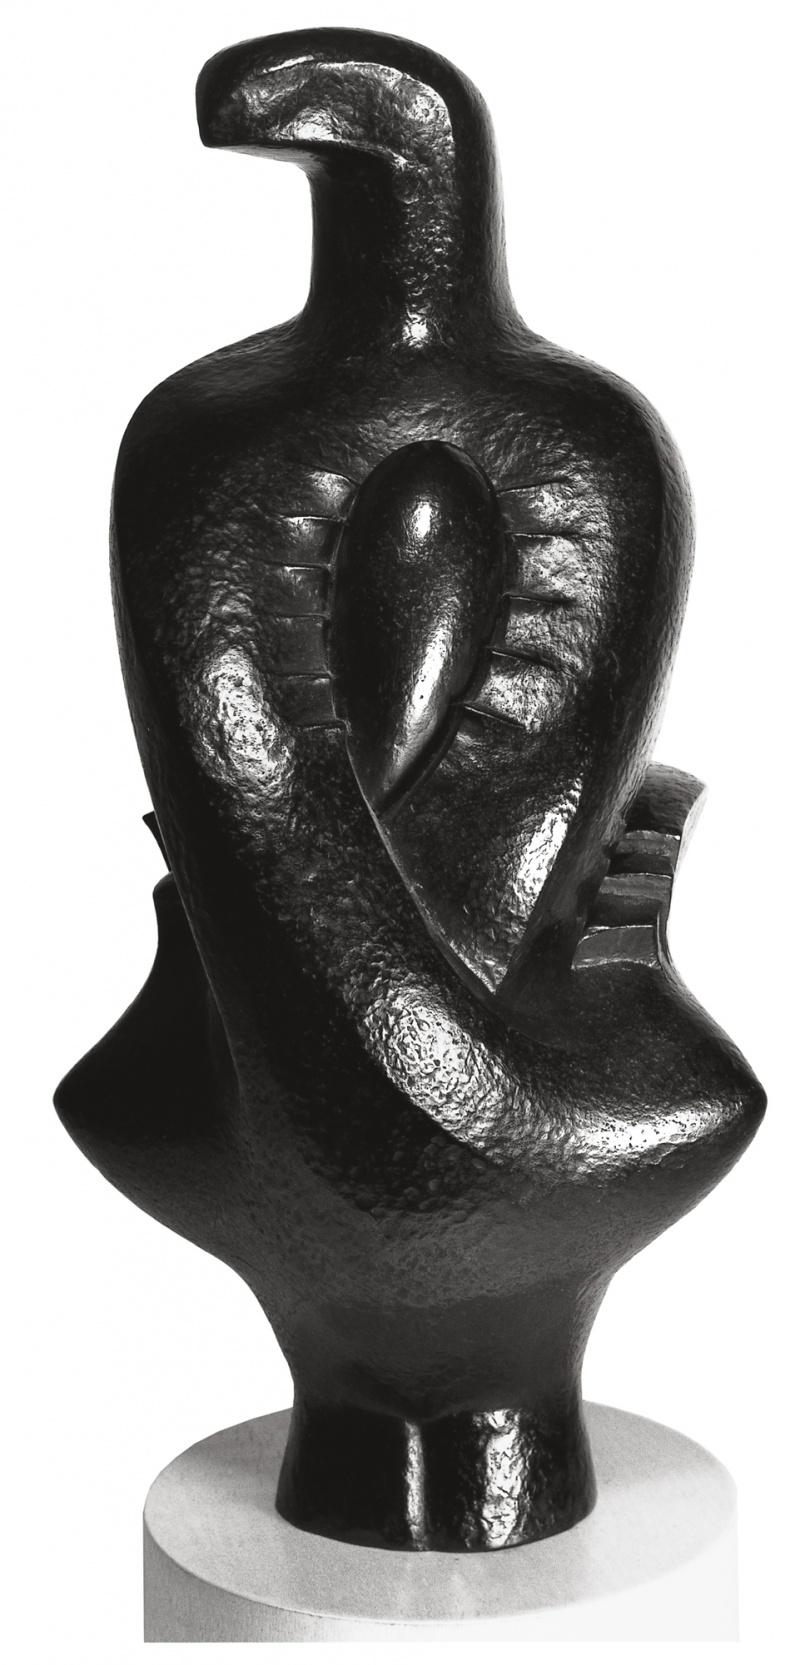 Jean Chauvin - Sculpteur - Magicienne - bronze - 1944